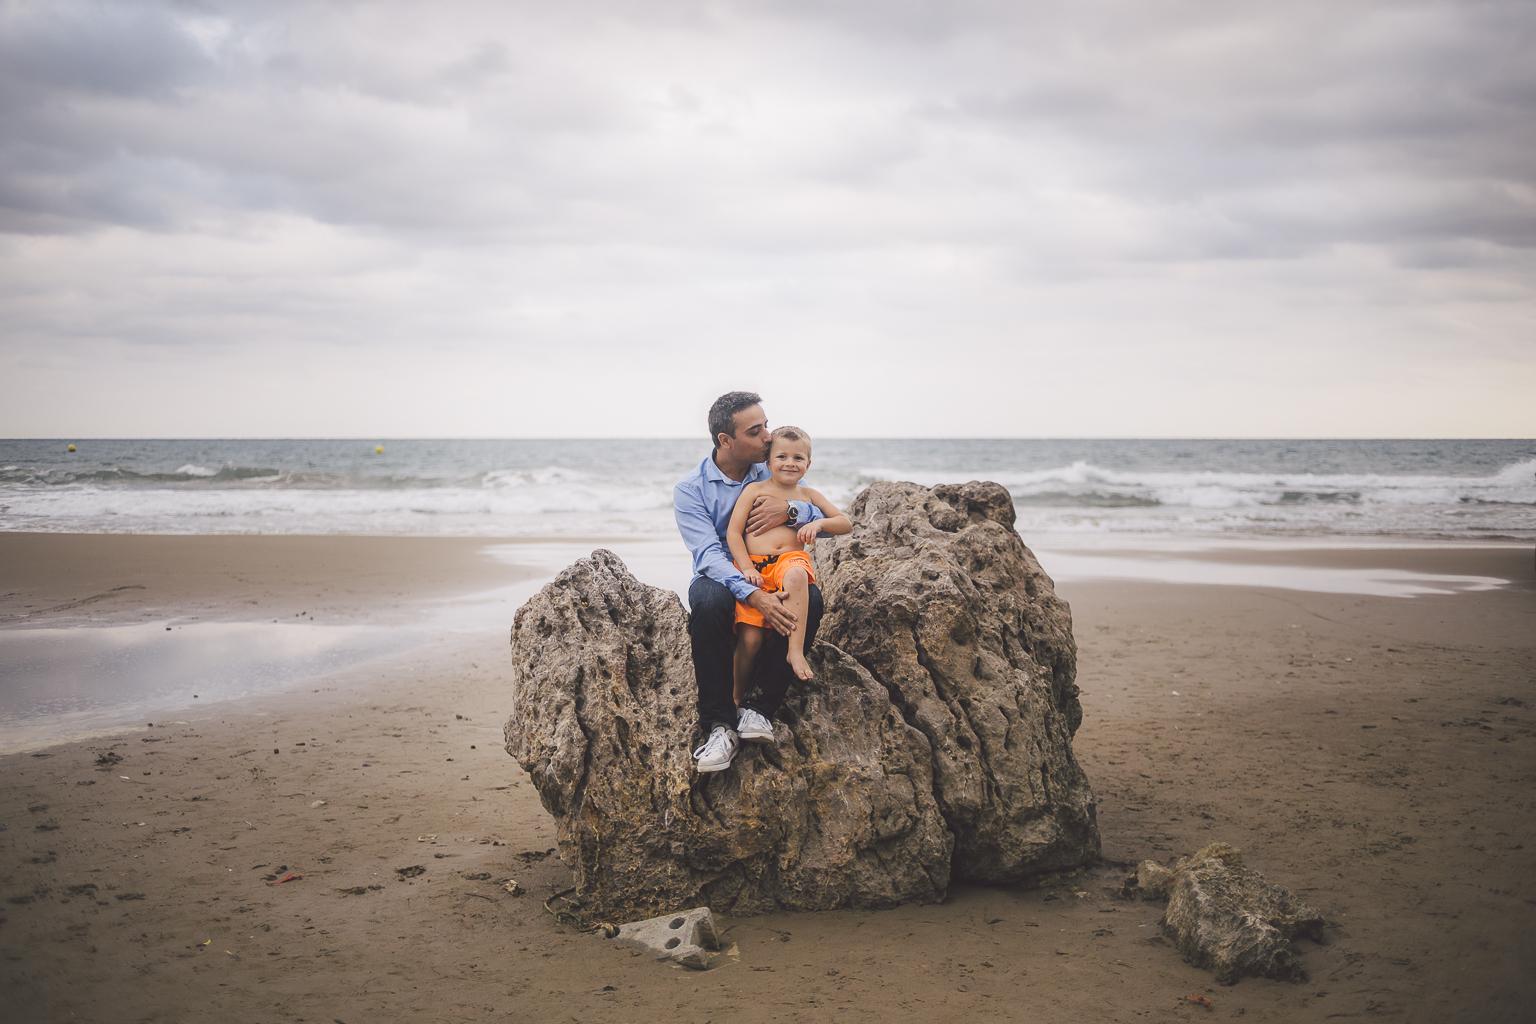 Fotógrafo familiar Barcelona :: Les casetes del Garraf :: Reportaje familiar en el playa :: familia de barcelona :: Reportaje de hermanos :: Best Barcelona Photographer :: Fotografías de familia